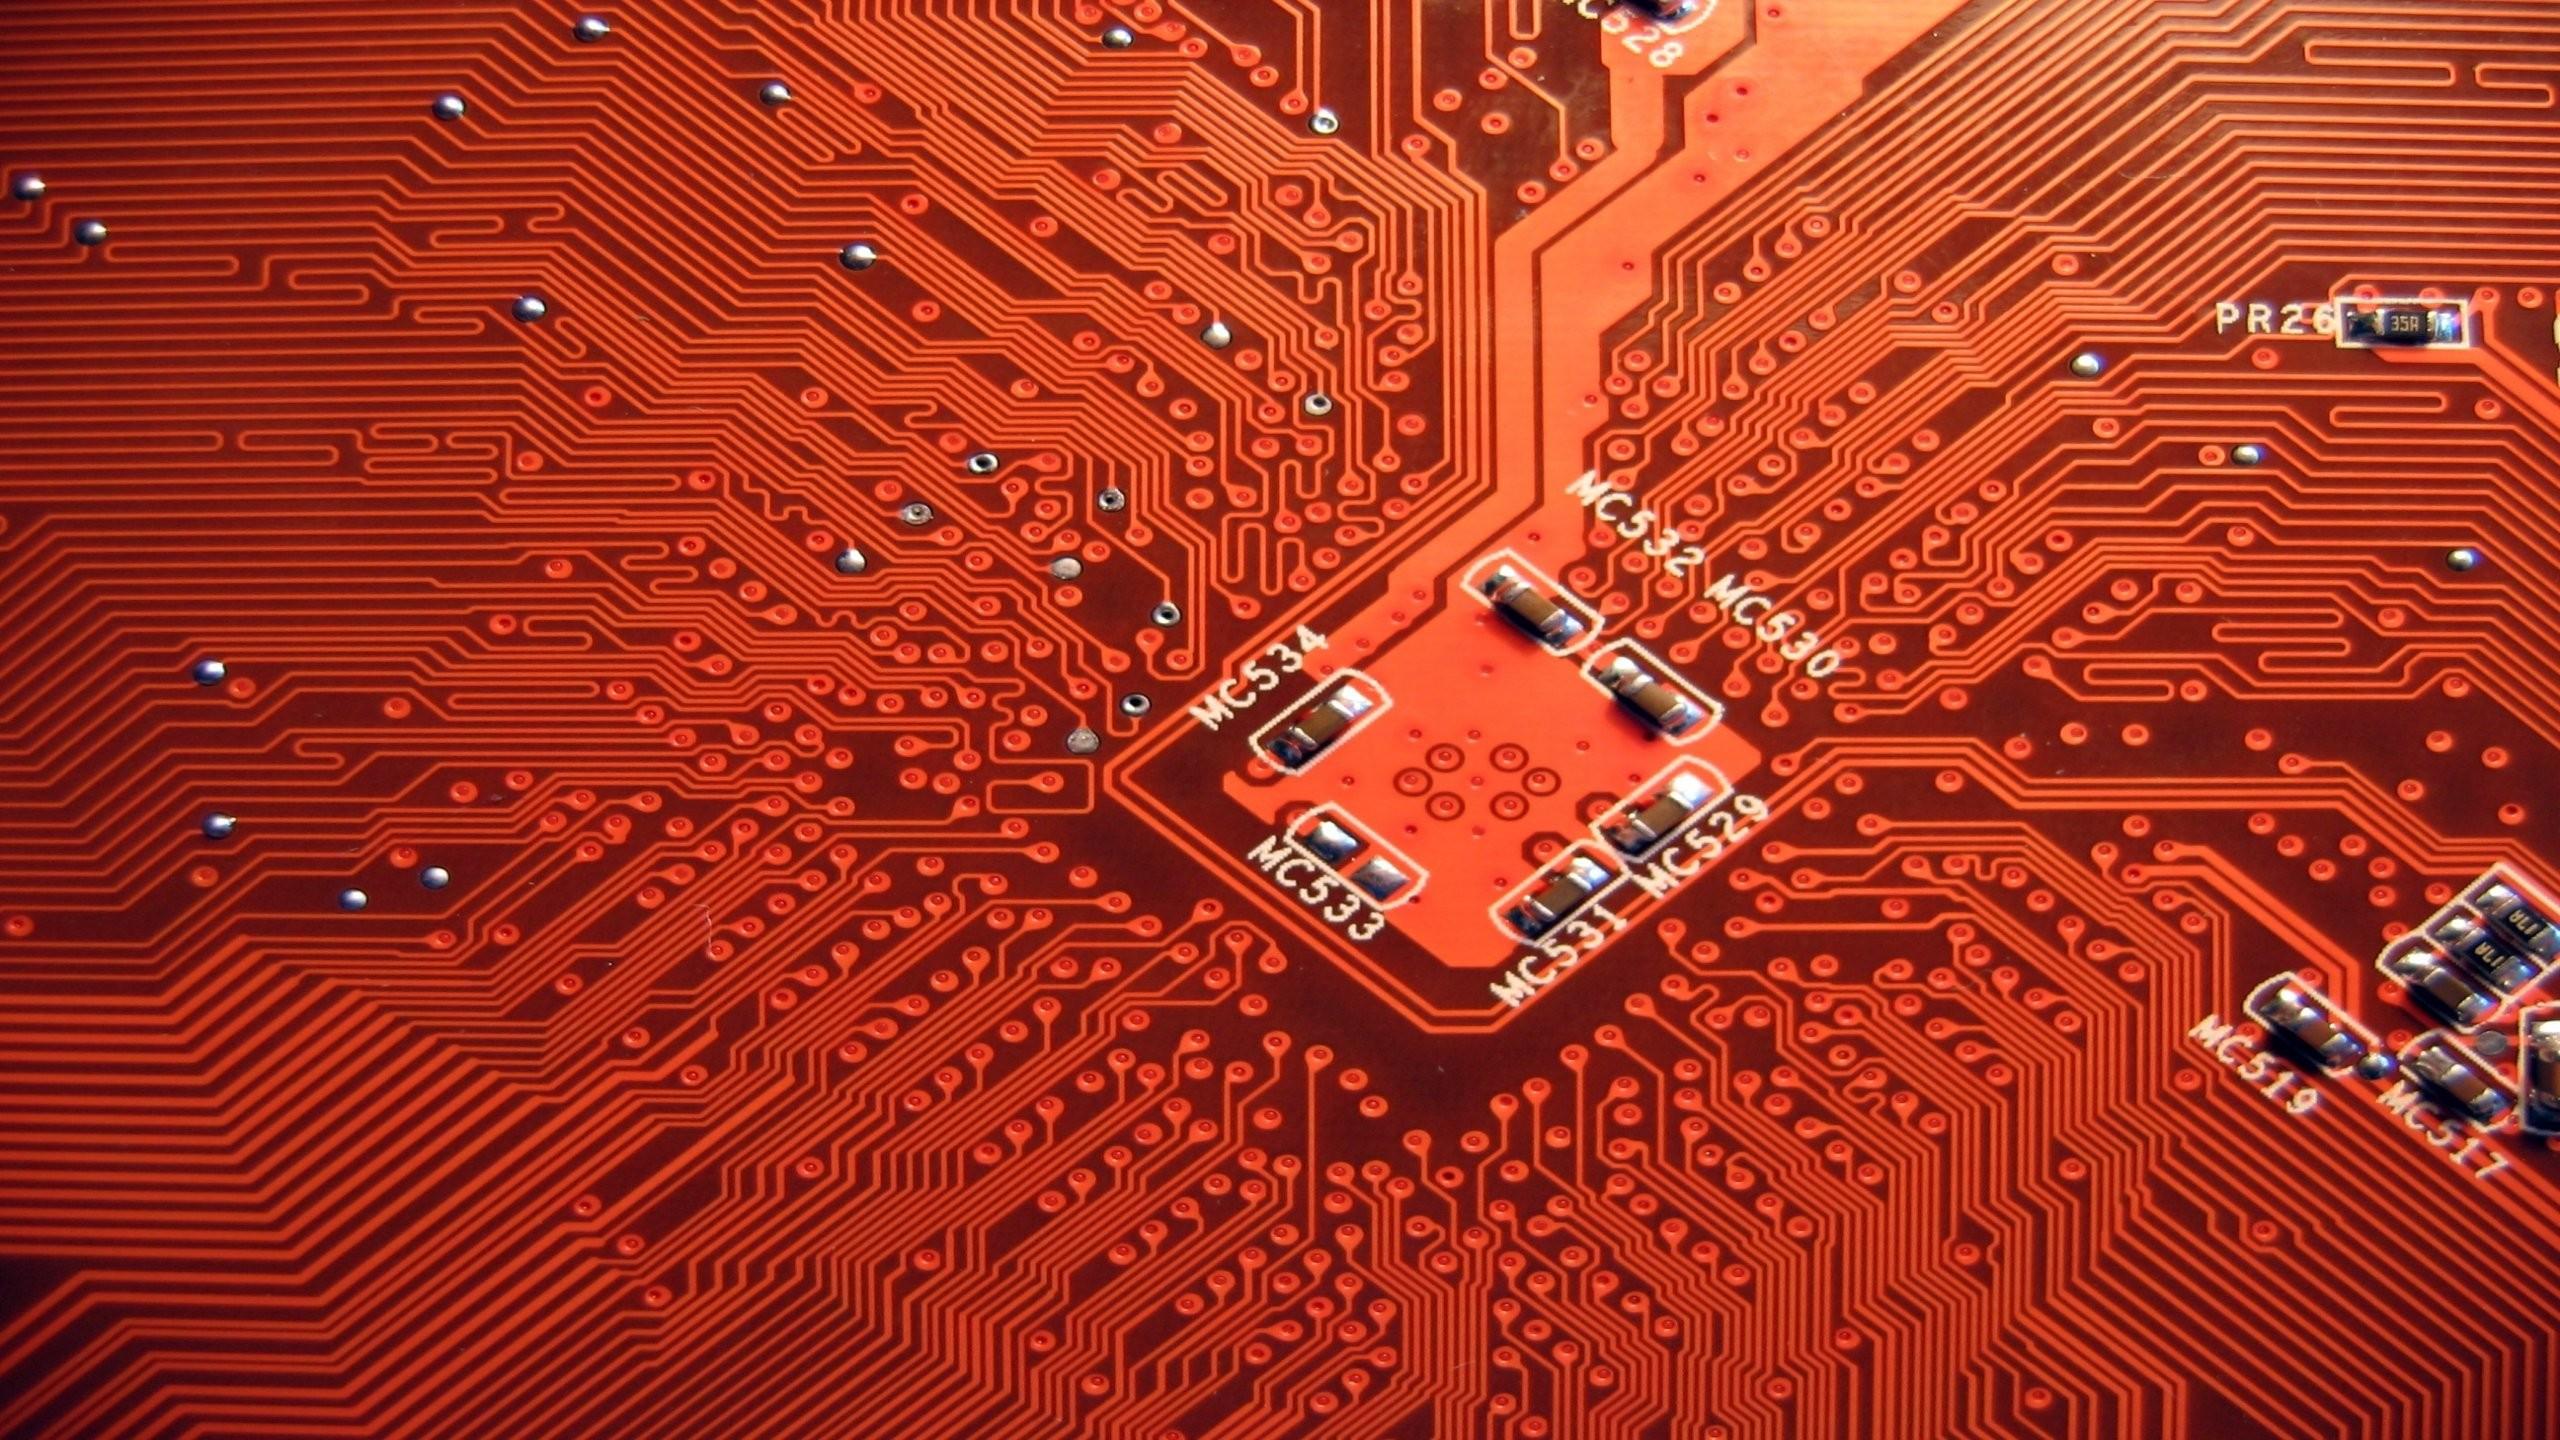 iPhone Circuit Board Wallpaper – WallpaperSafari